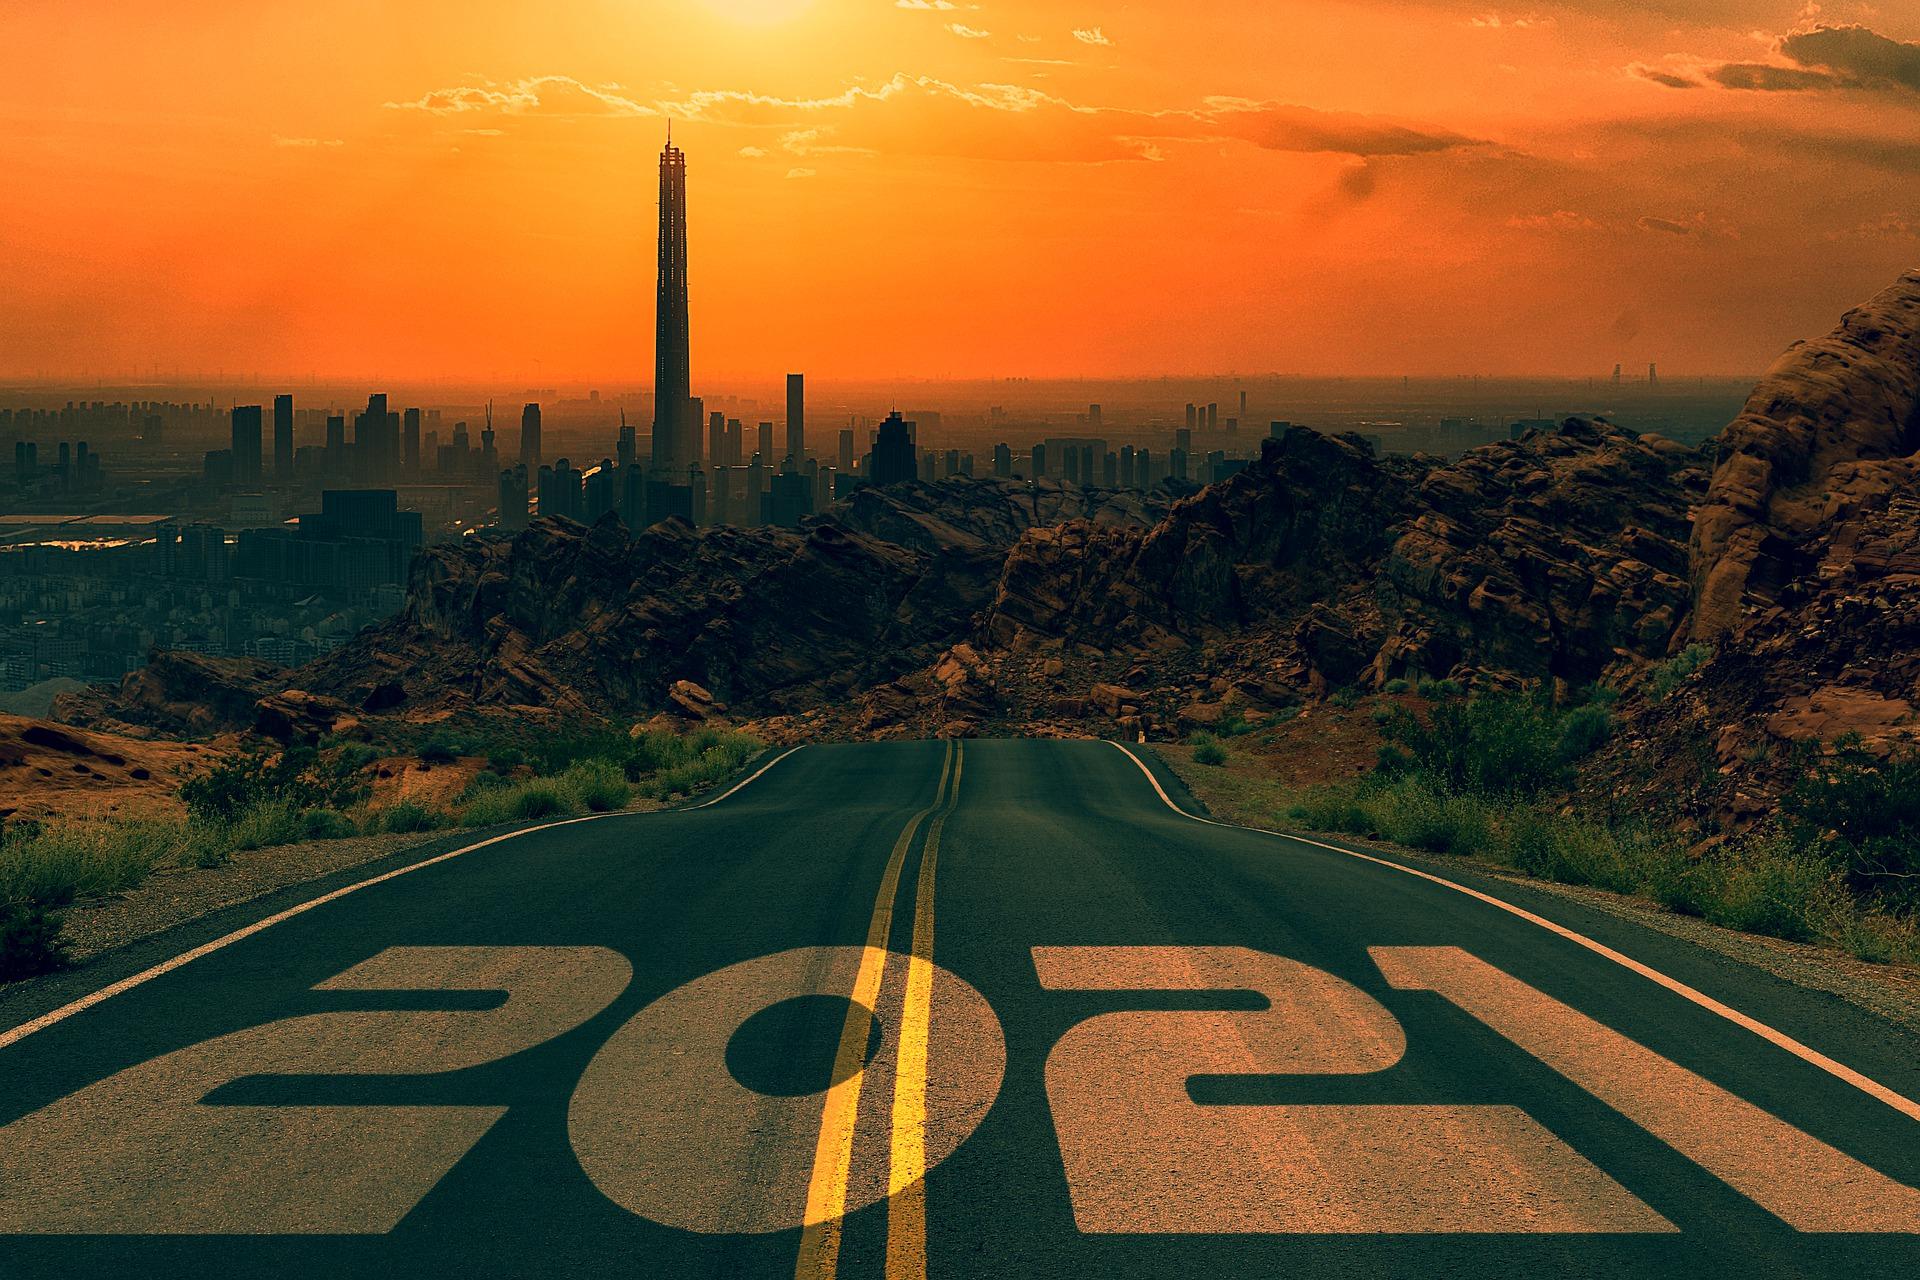 Oranssisävyinen maisemakuva, jossa 2021 luku etualalla, tie, joka johtaa kohti kaupungin siluettinäkymää.